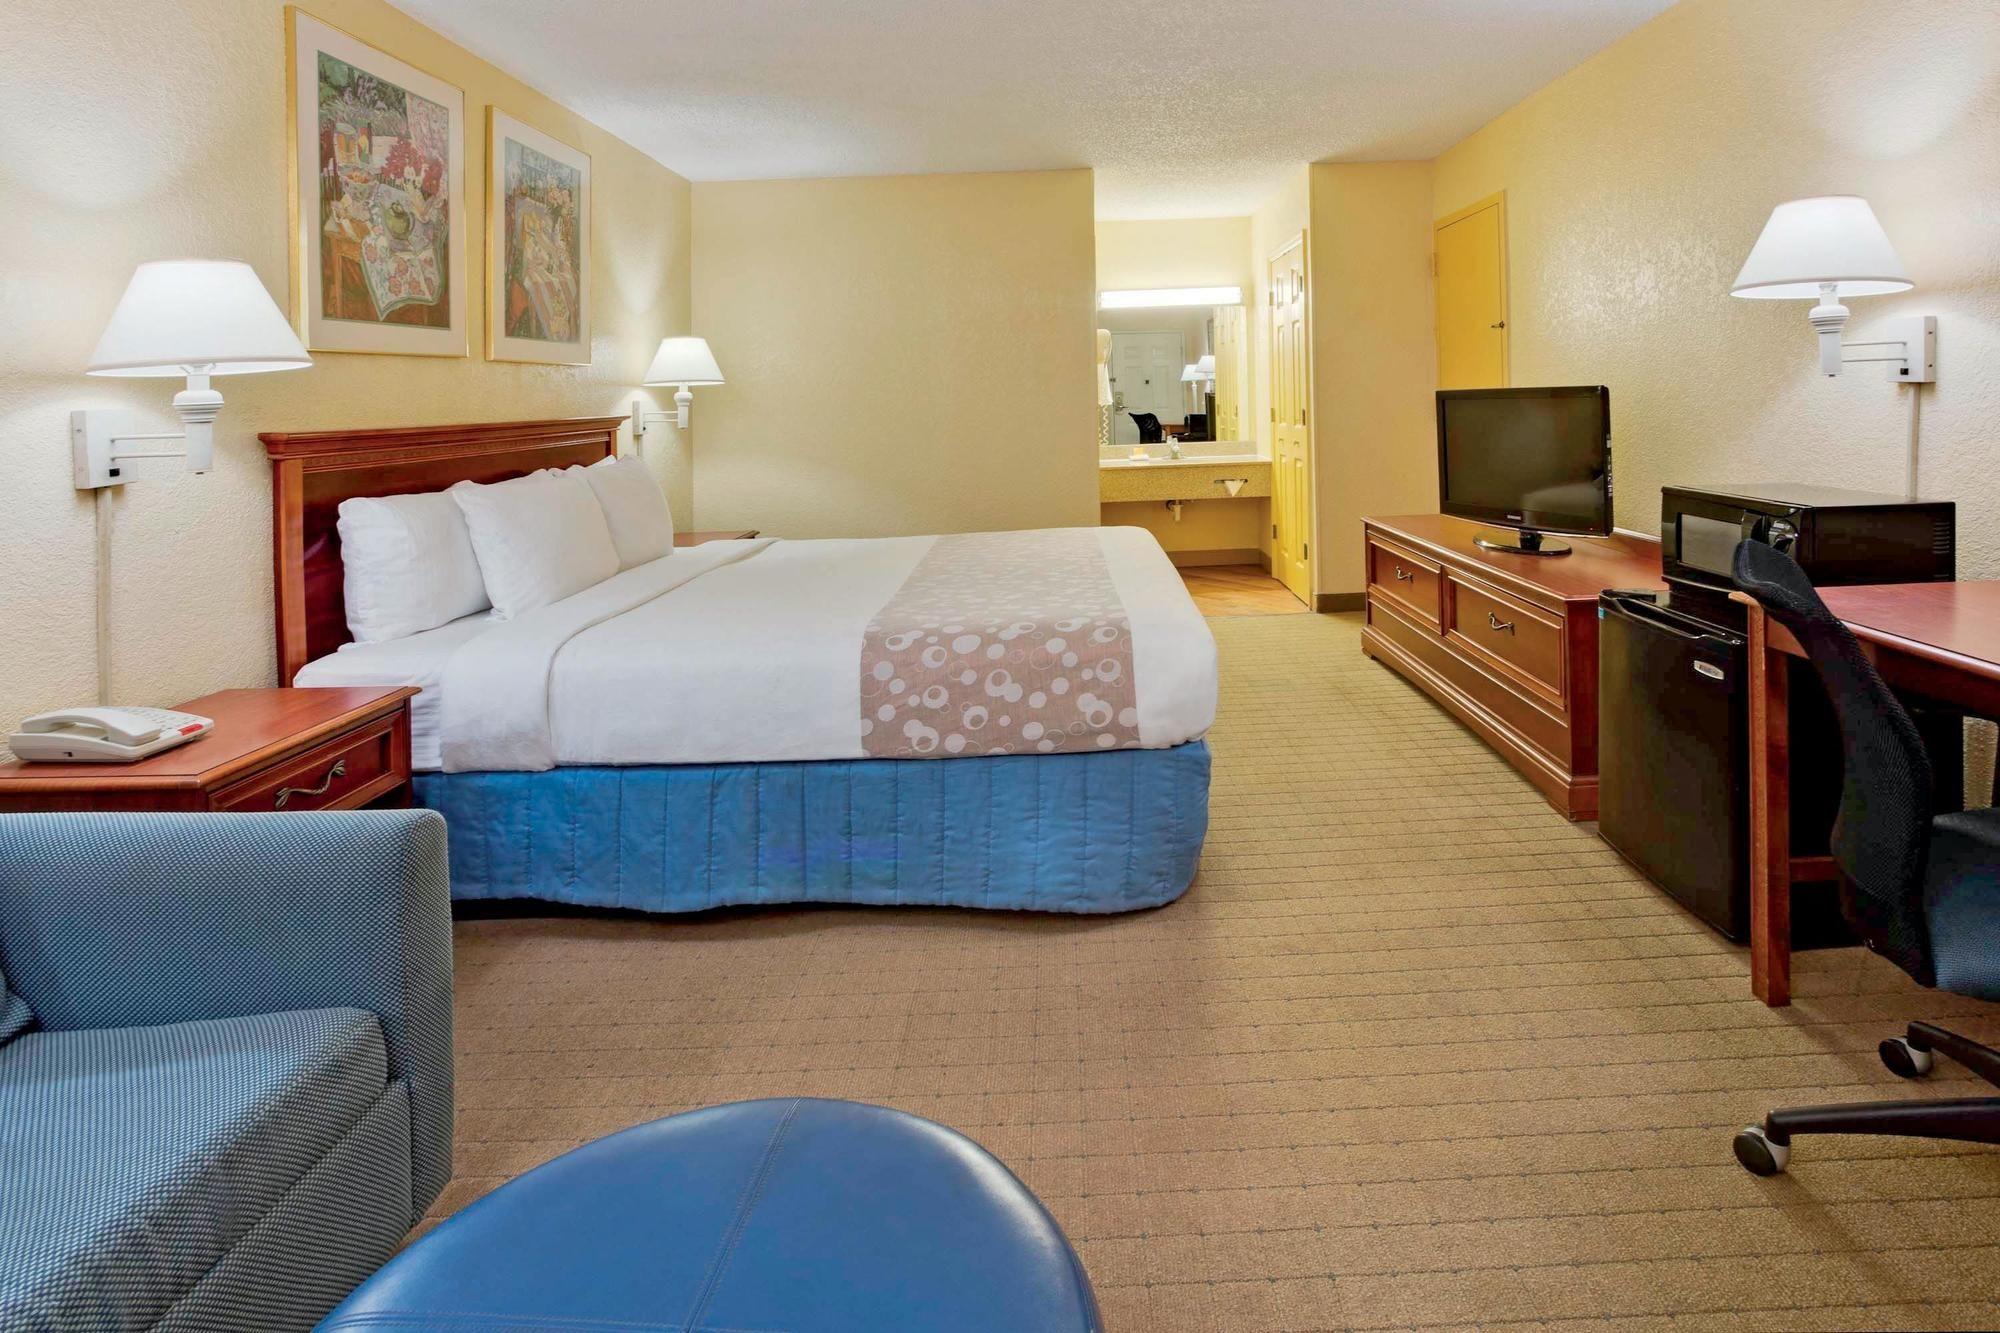 La Quinta Inn West Palm Beach-City Place